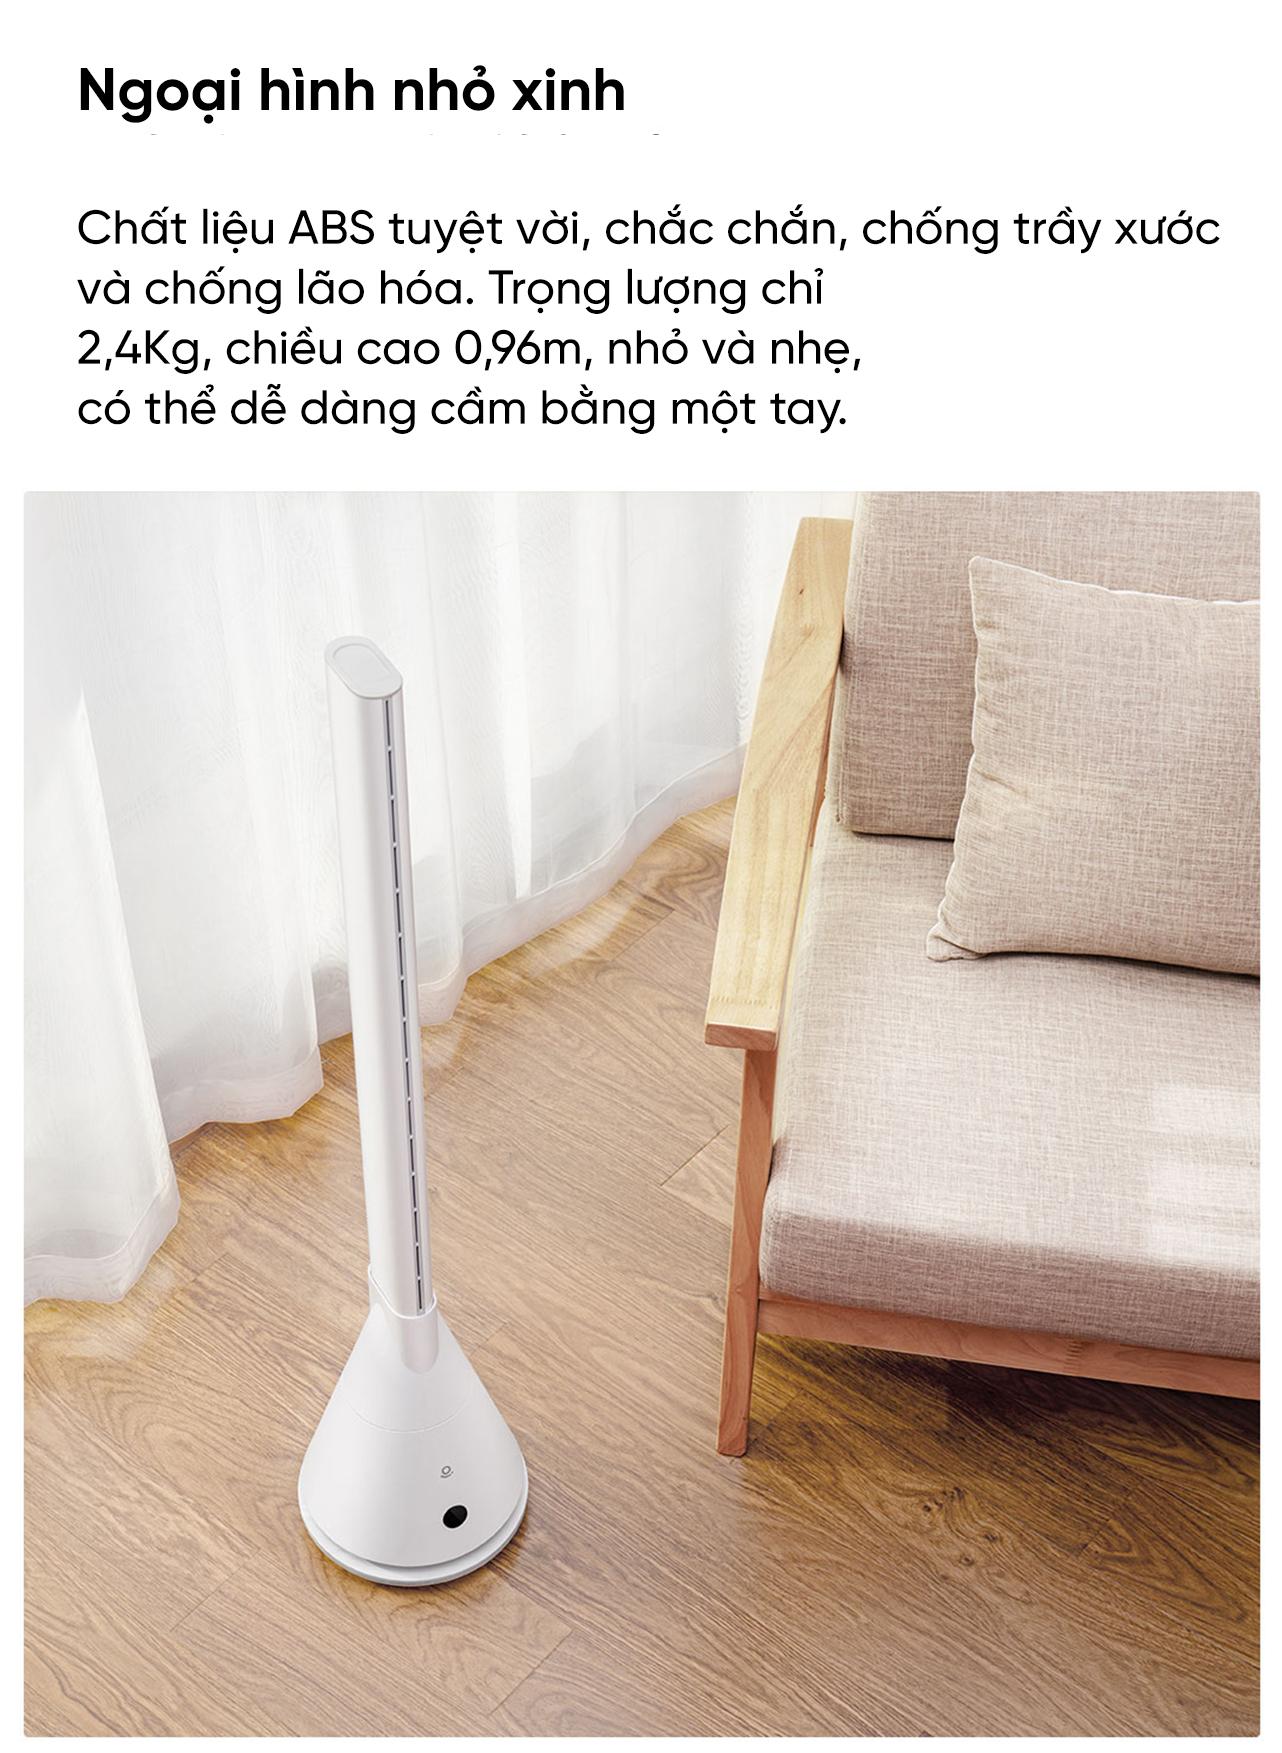 quat-thap-thong-minh-ss4-11